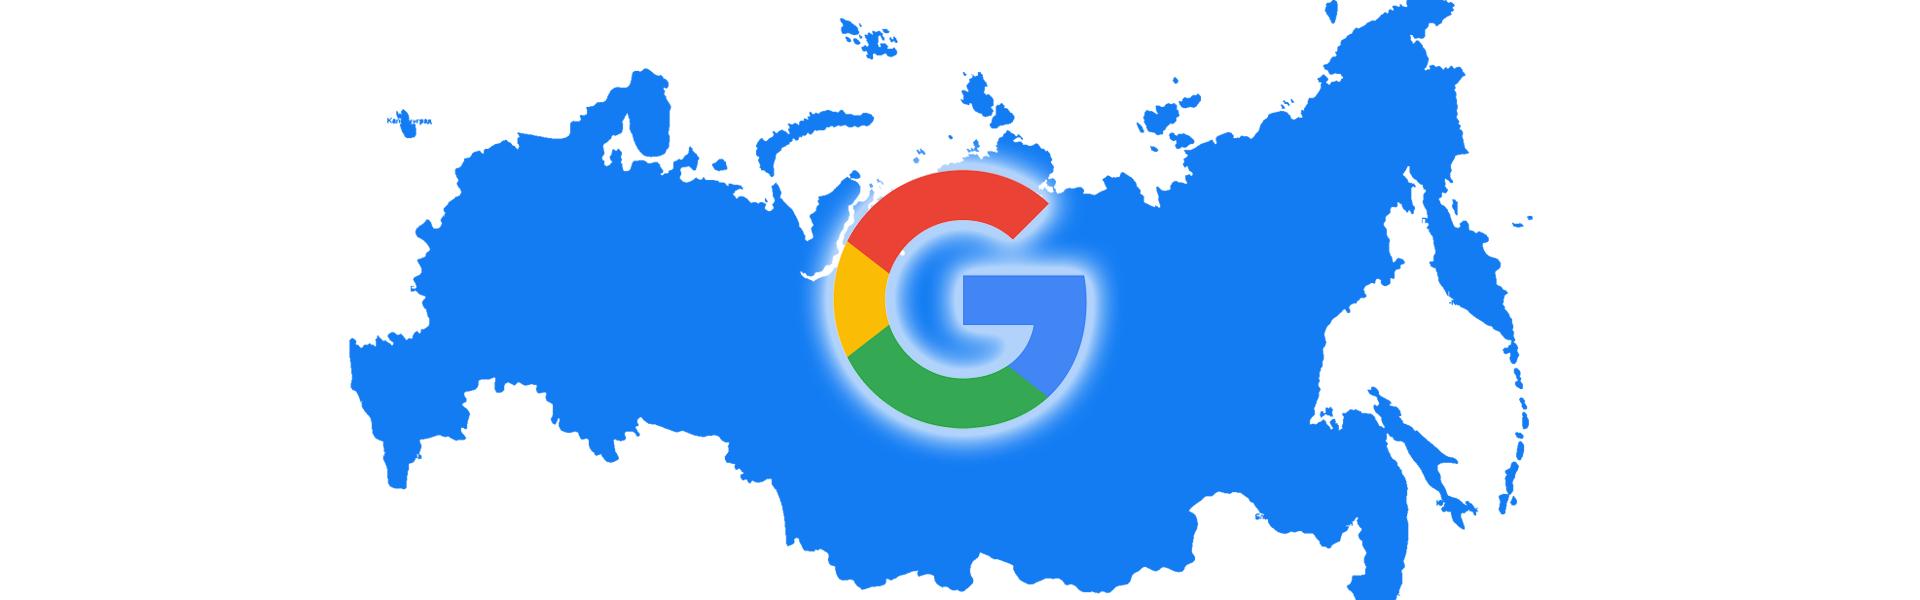 Гугл в помощь